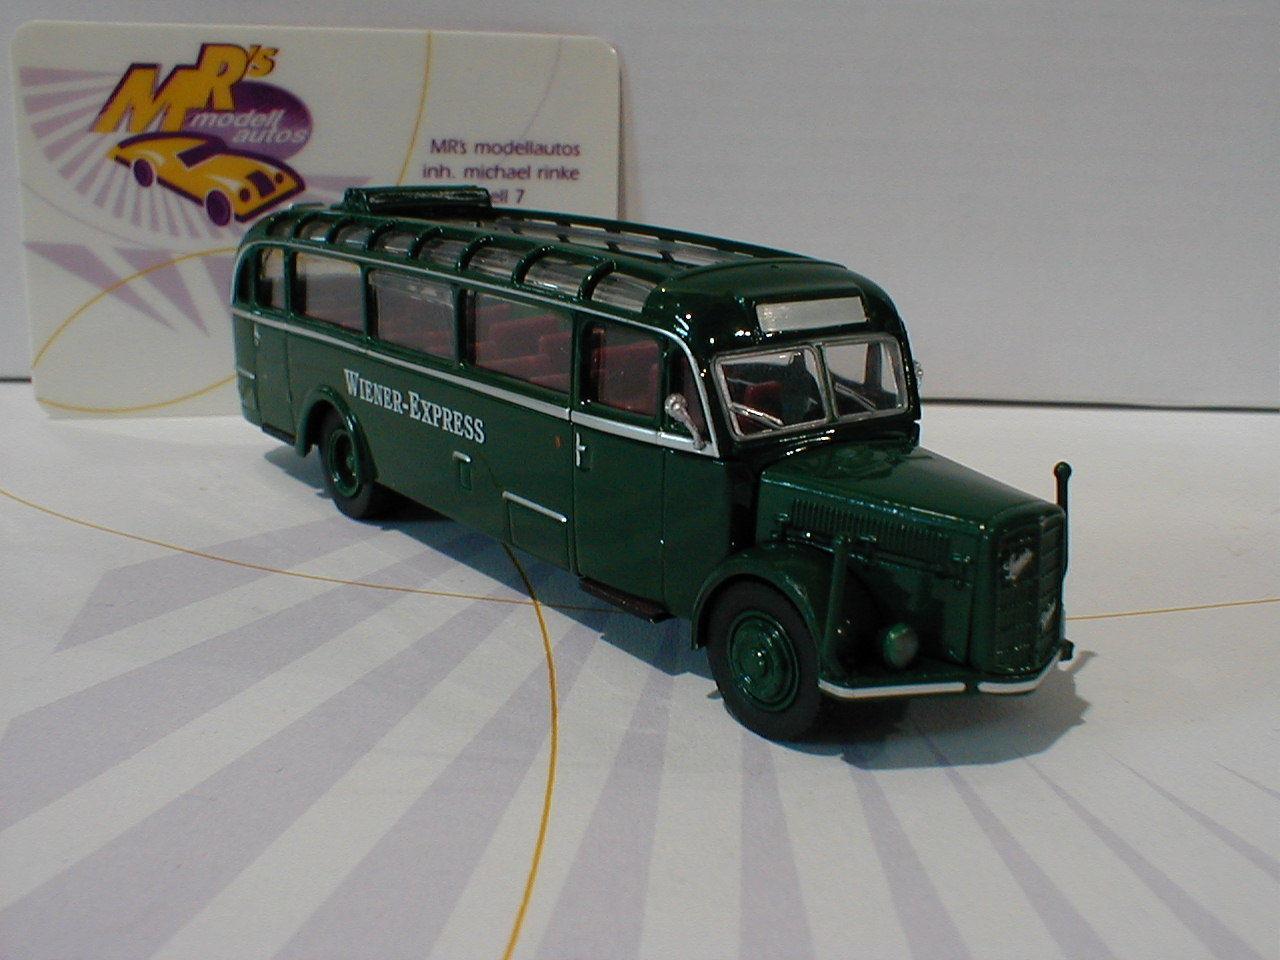 Brekina starline 58075   acide BT BT BT 4500 année modèle 1949  de vienne Express  vert 1 87 103c91